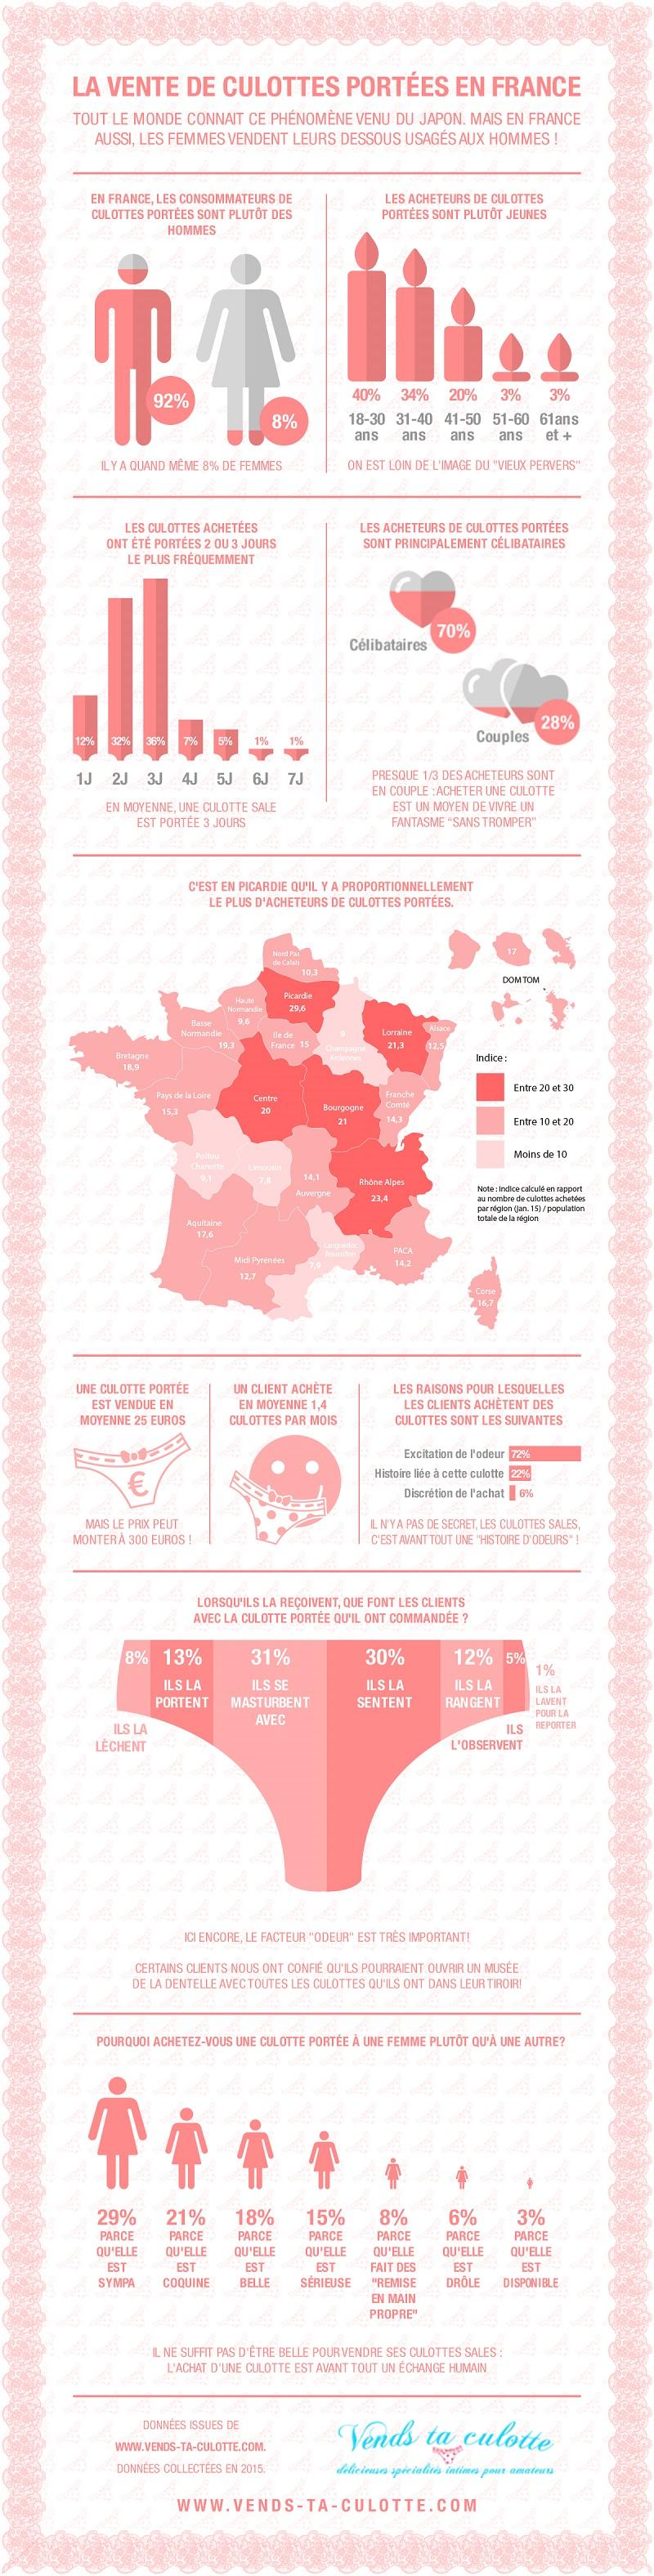 Infographie, vends-ta-culotte.com